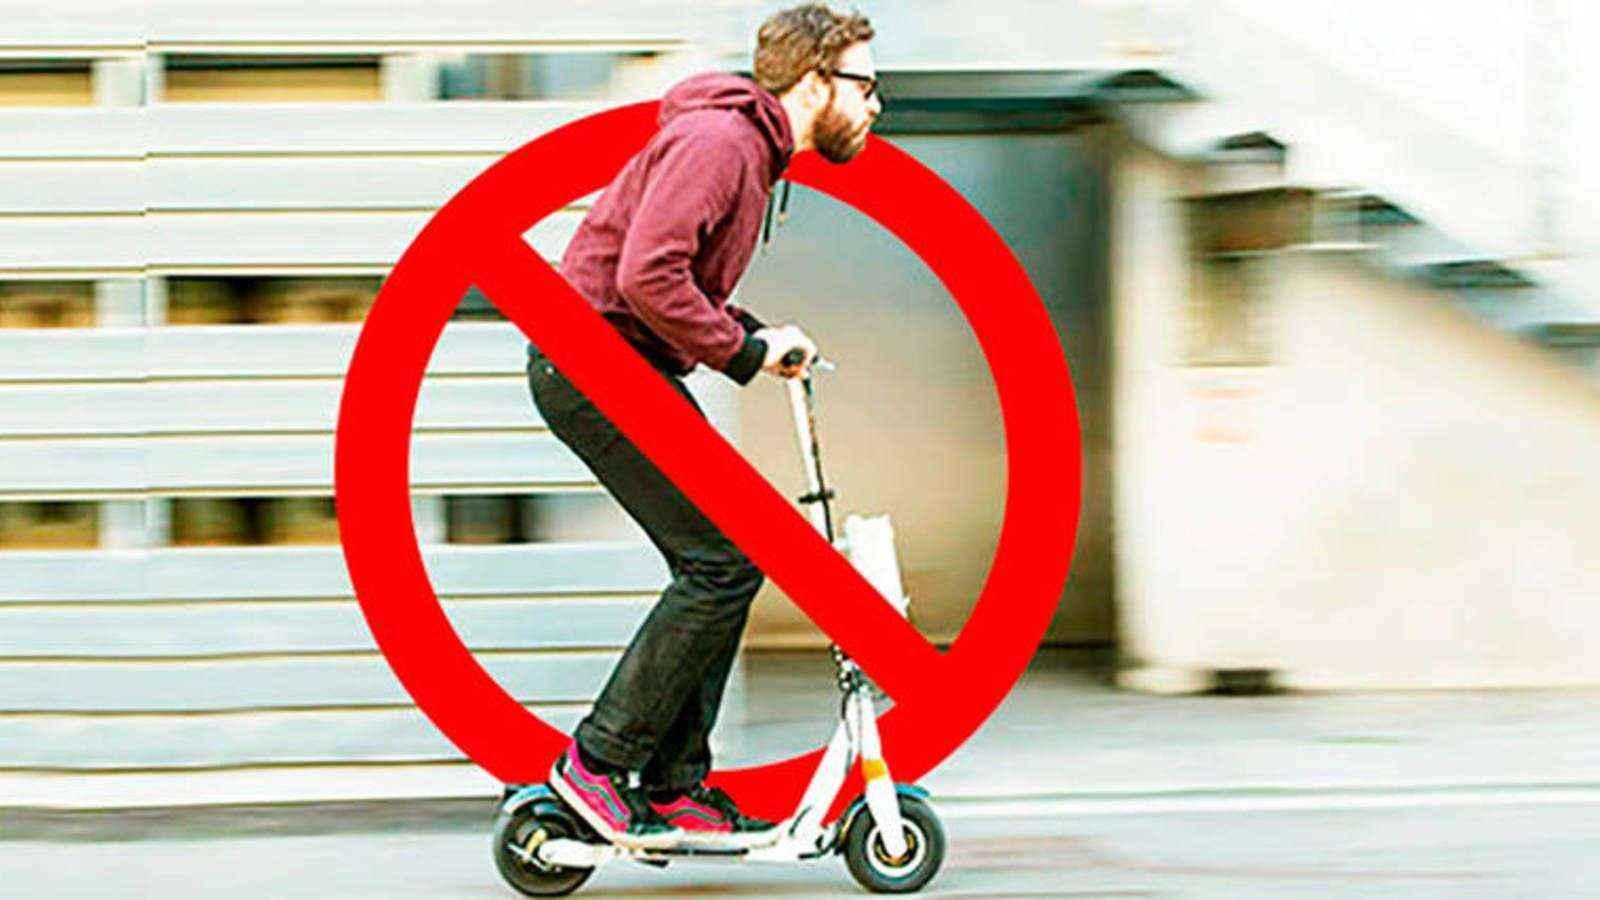 Comprarpatineteeléctrico.org lanza sus guías de compra online para cambiar la movilidad urbana